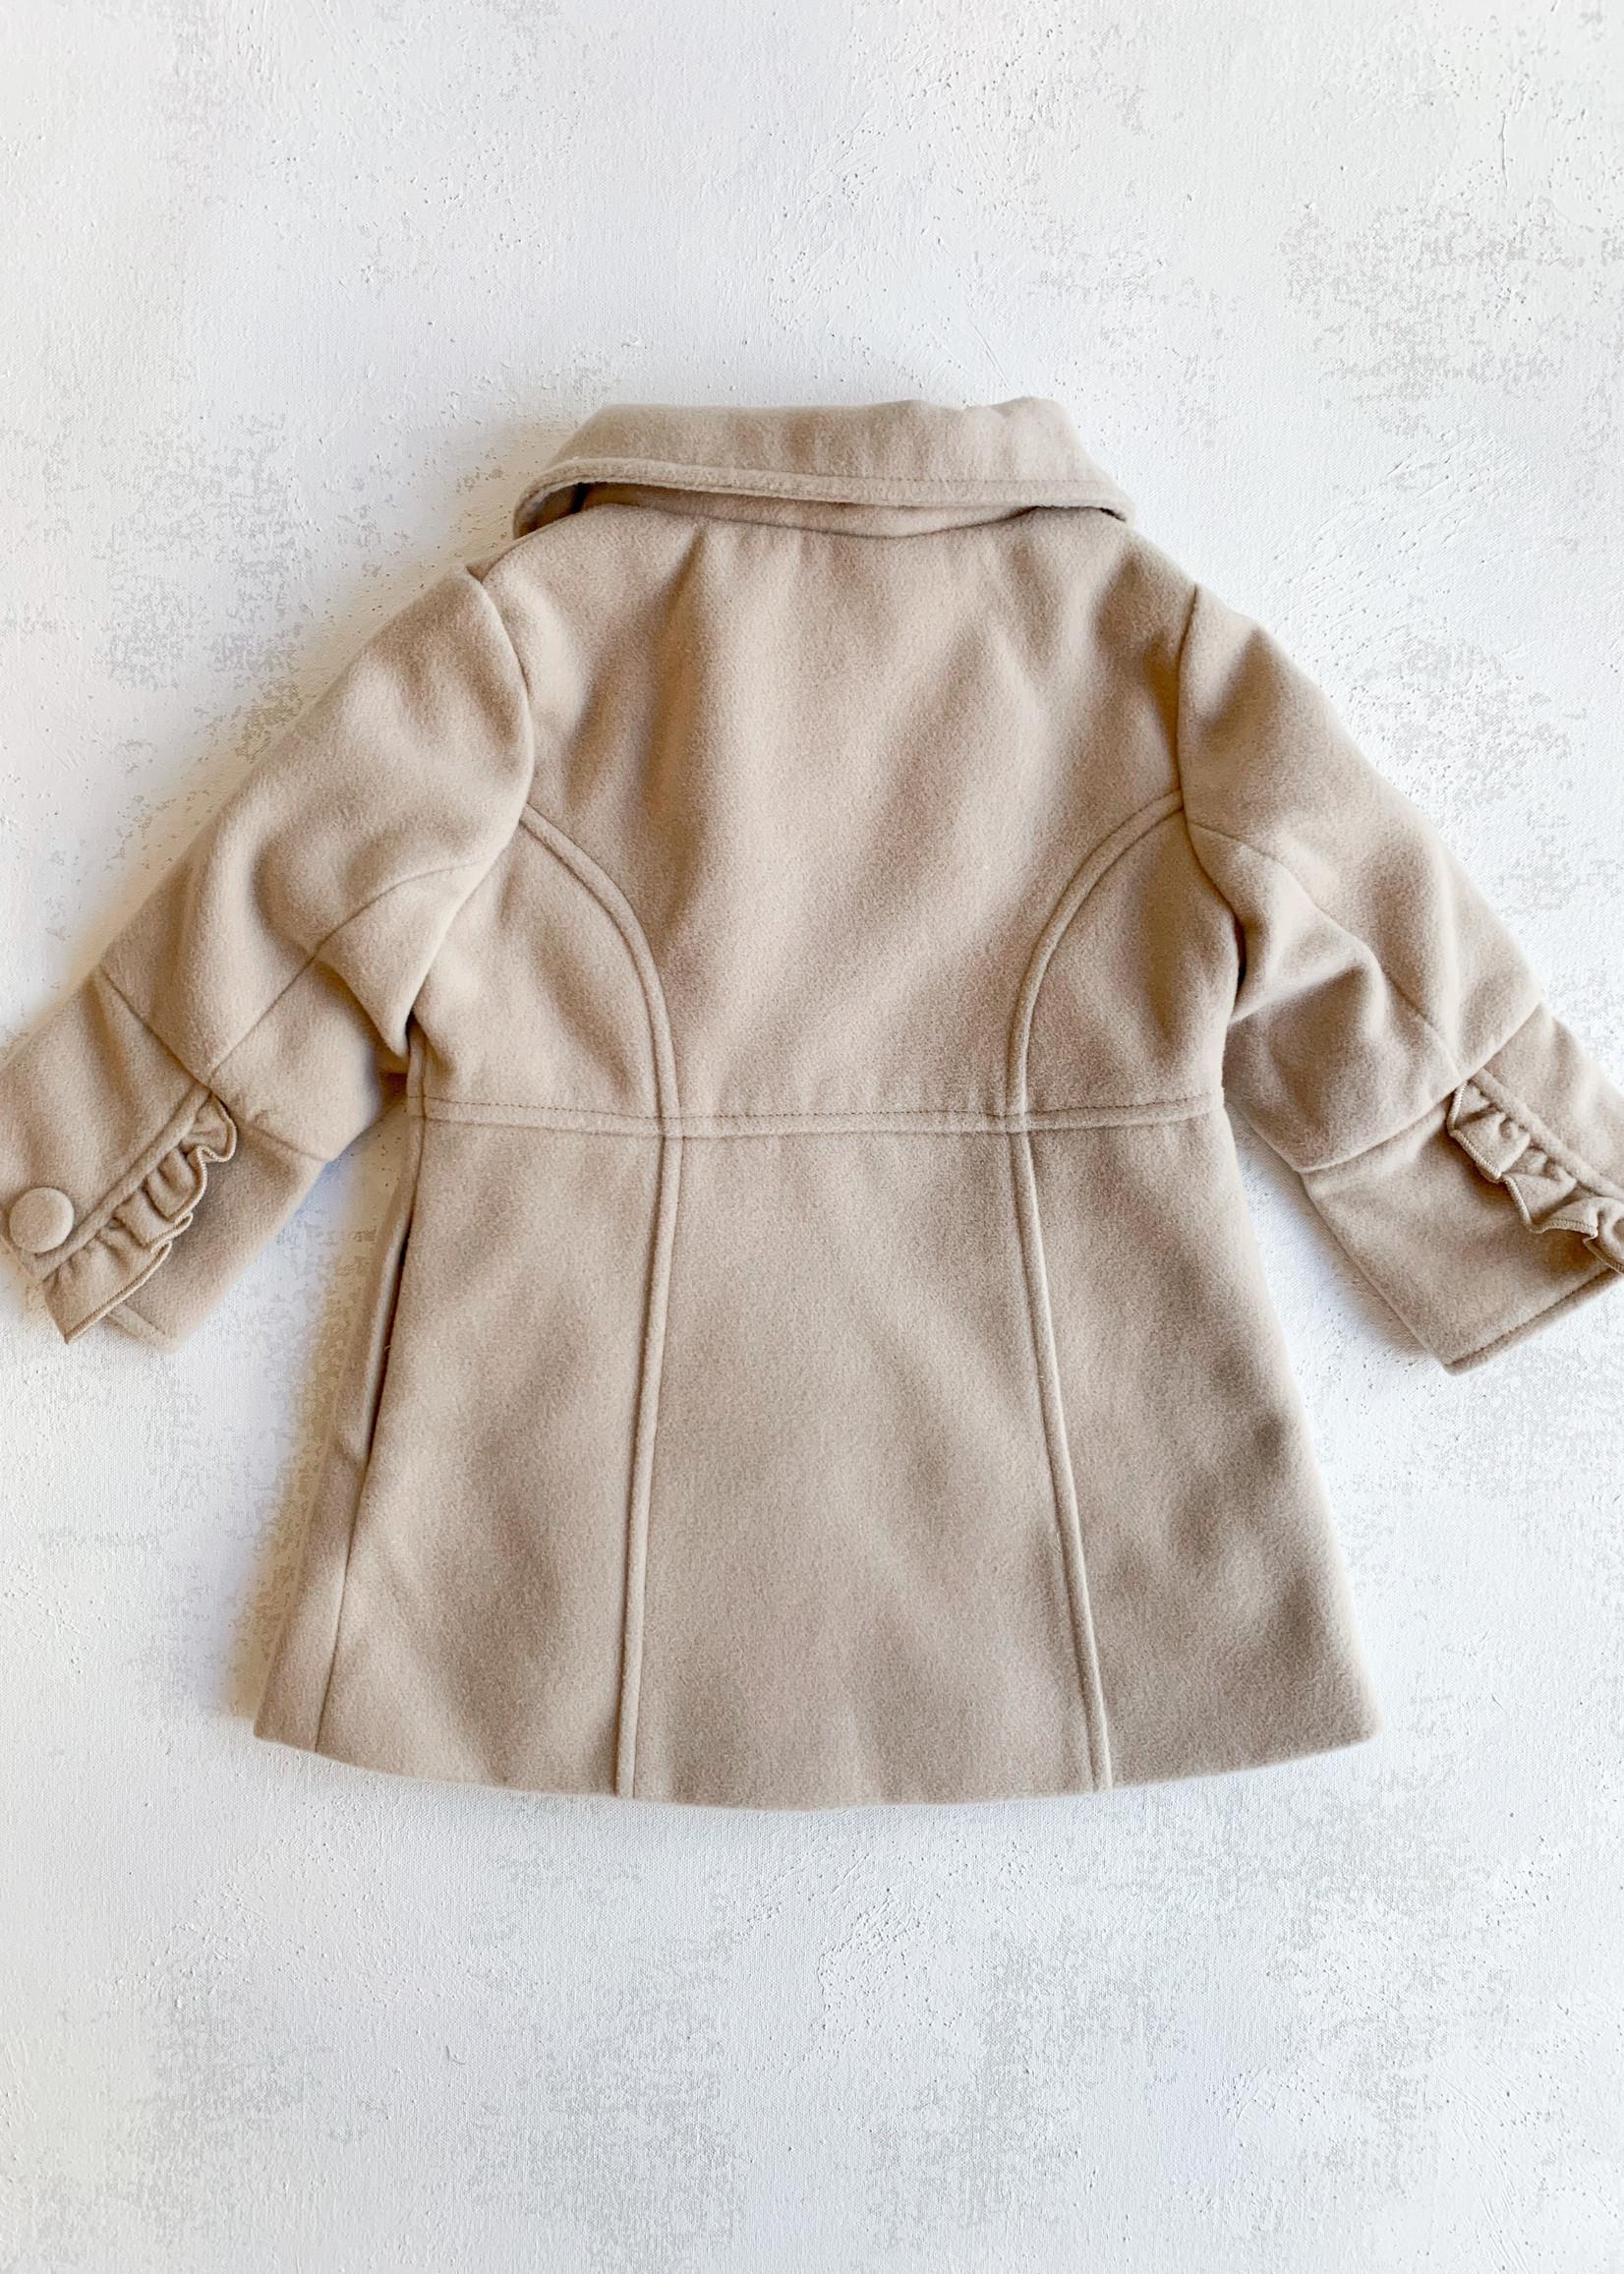 Elitaire Petite Frill Overcoat in Beige